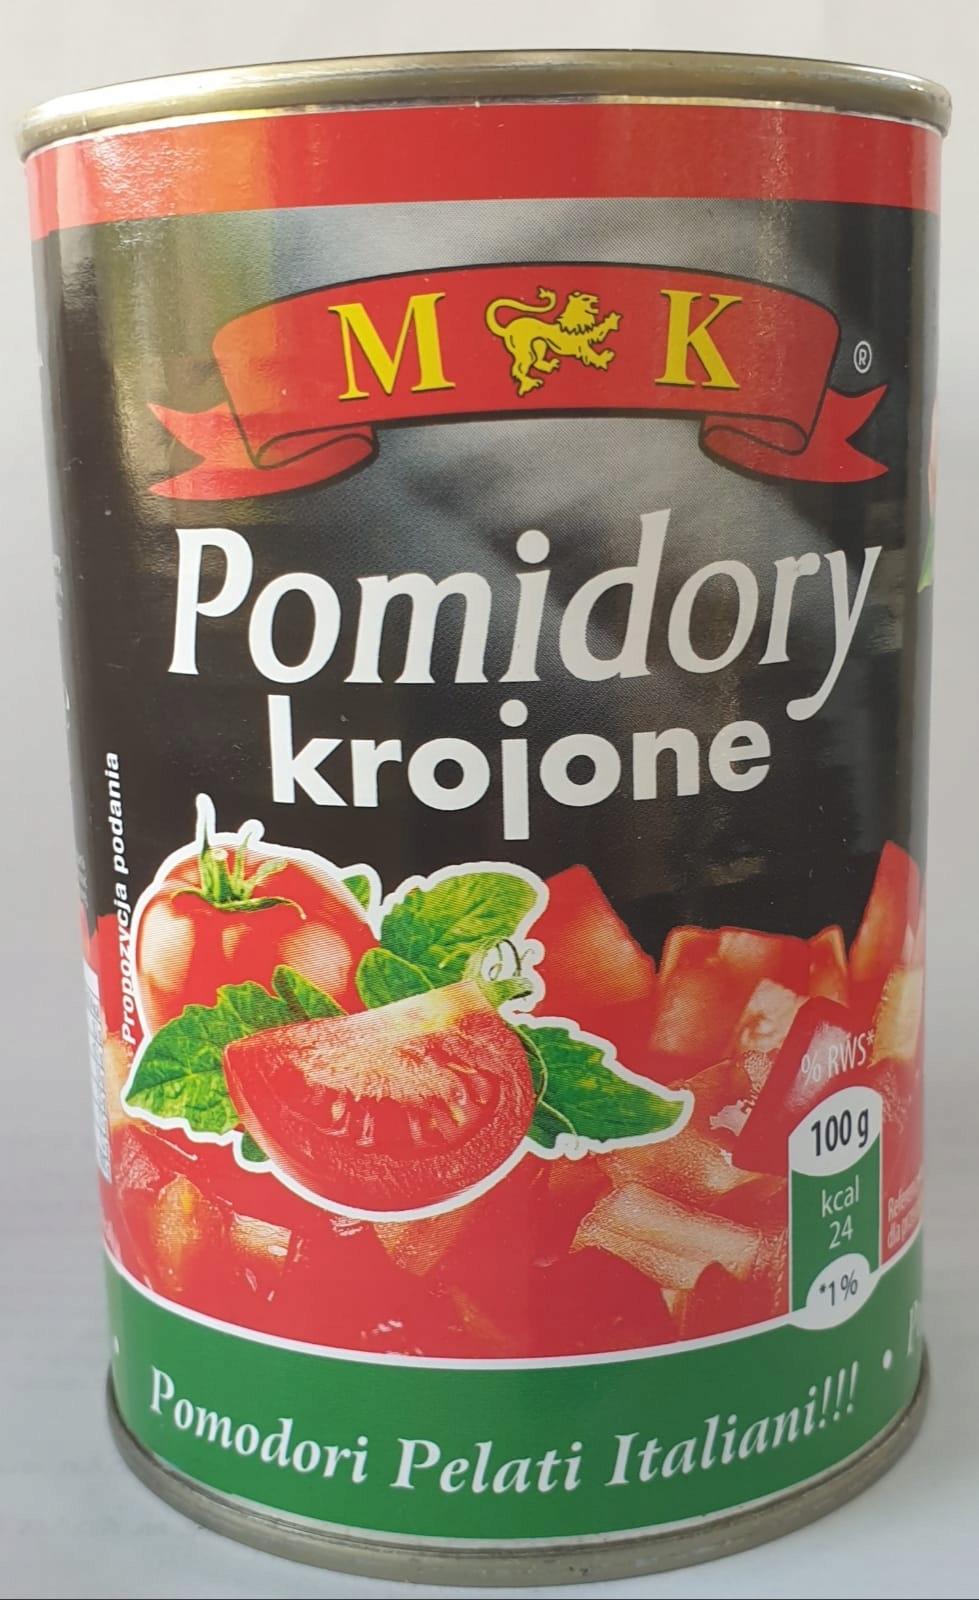 Нарезанные помидоры, МК, 400г